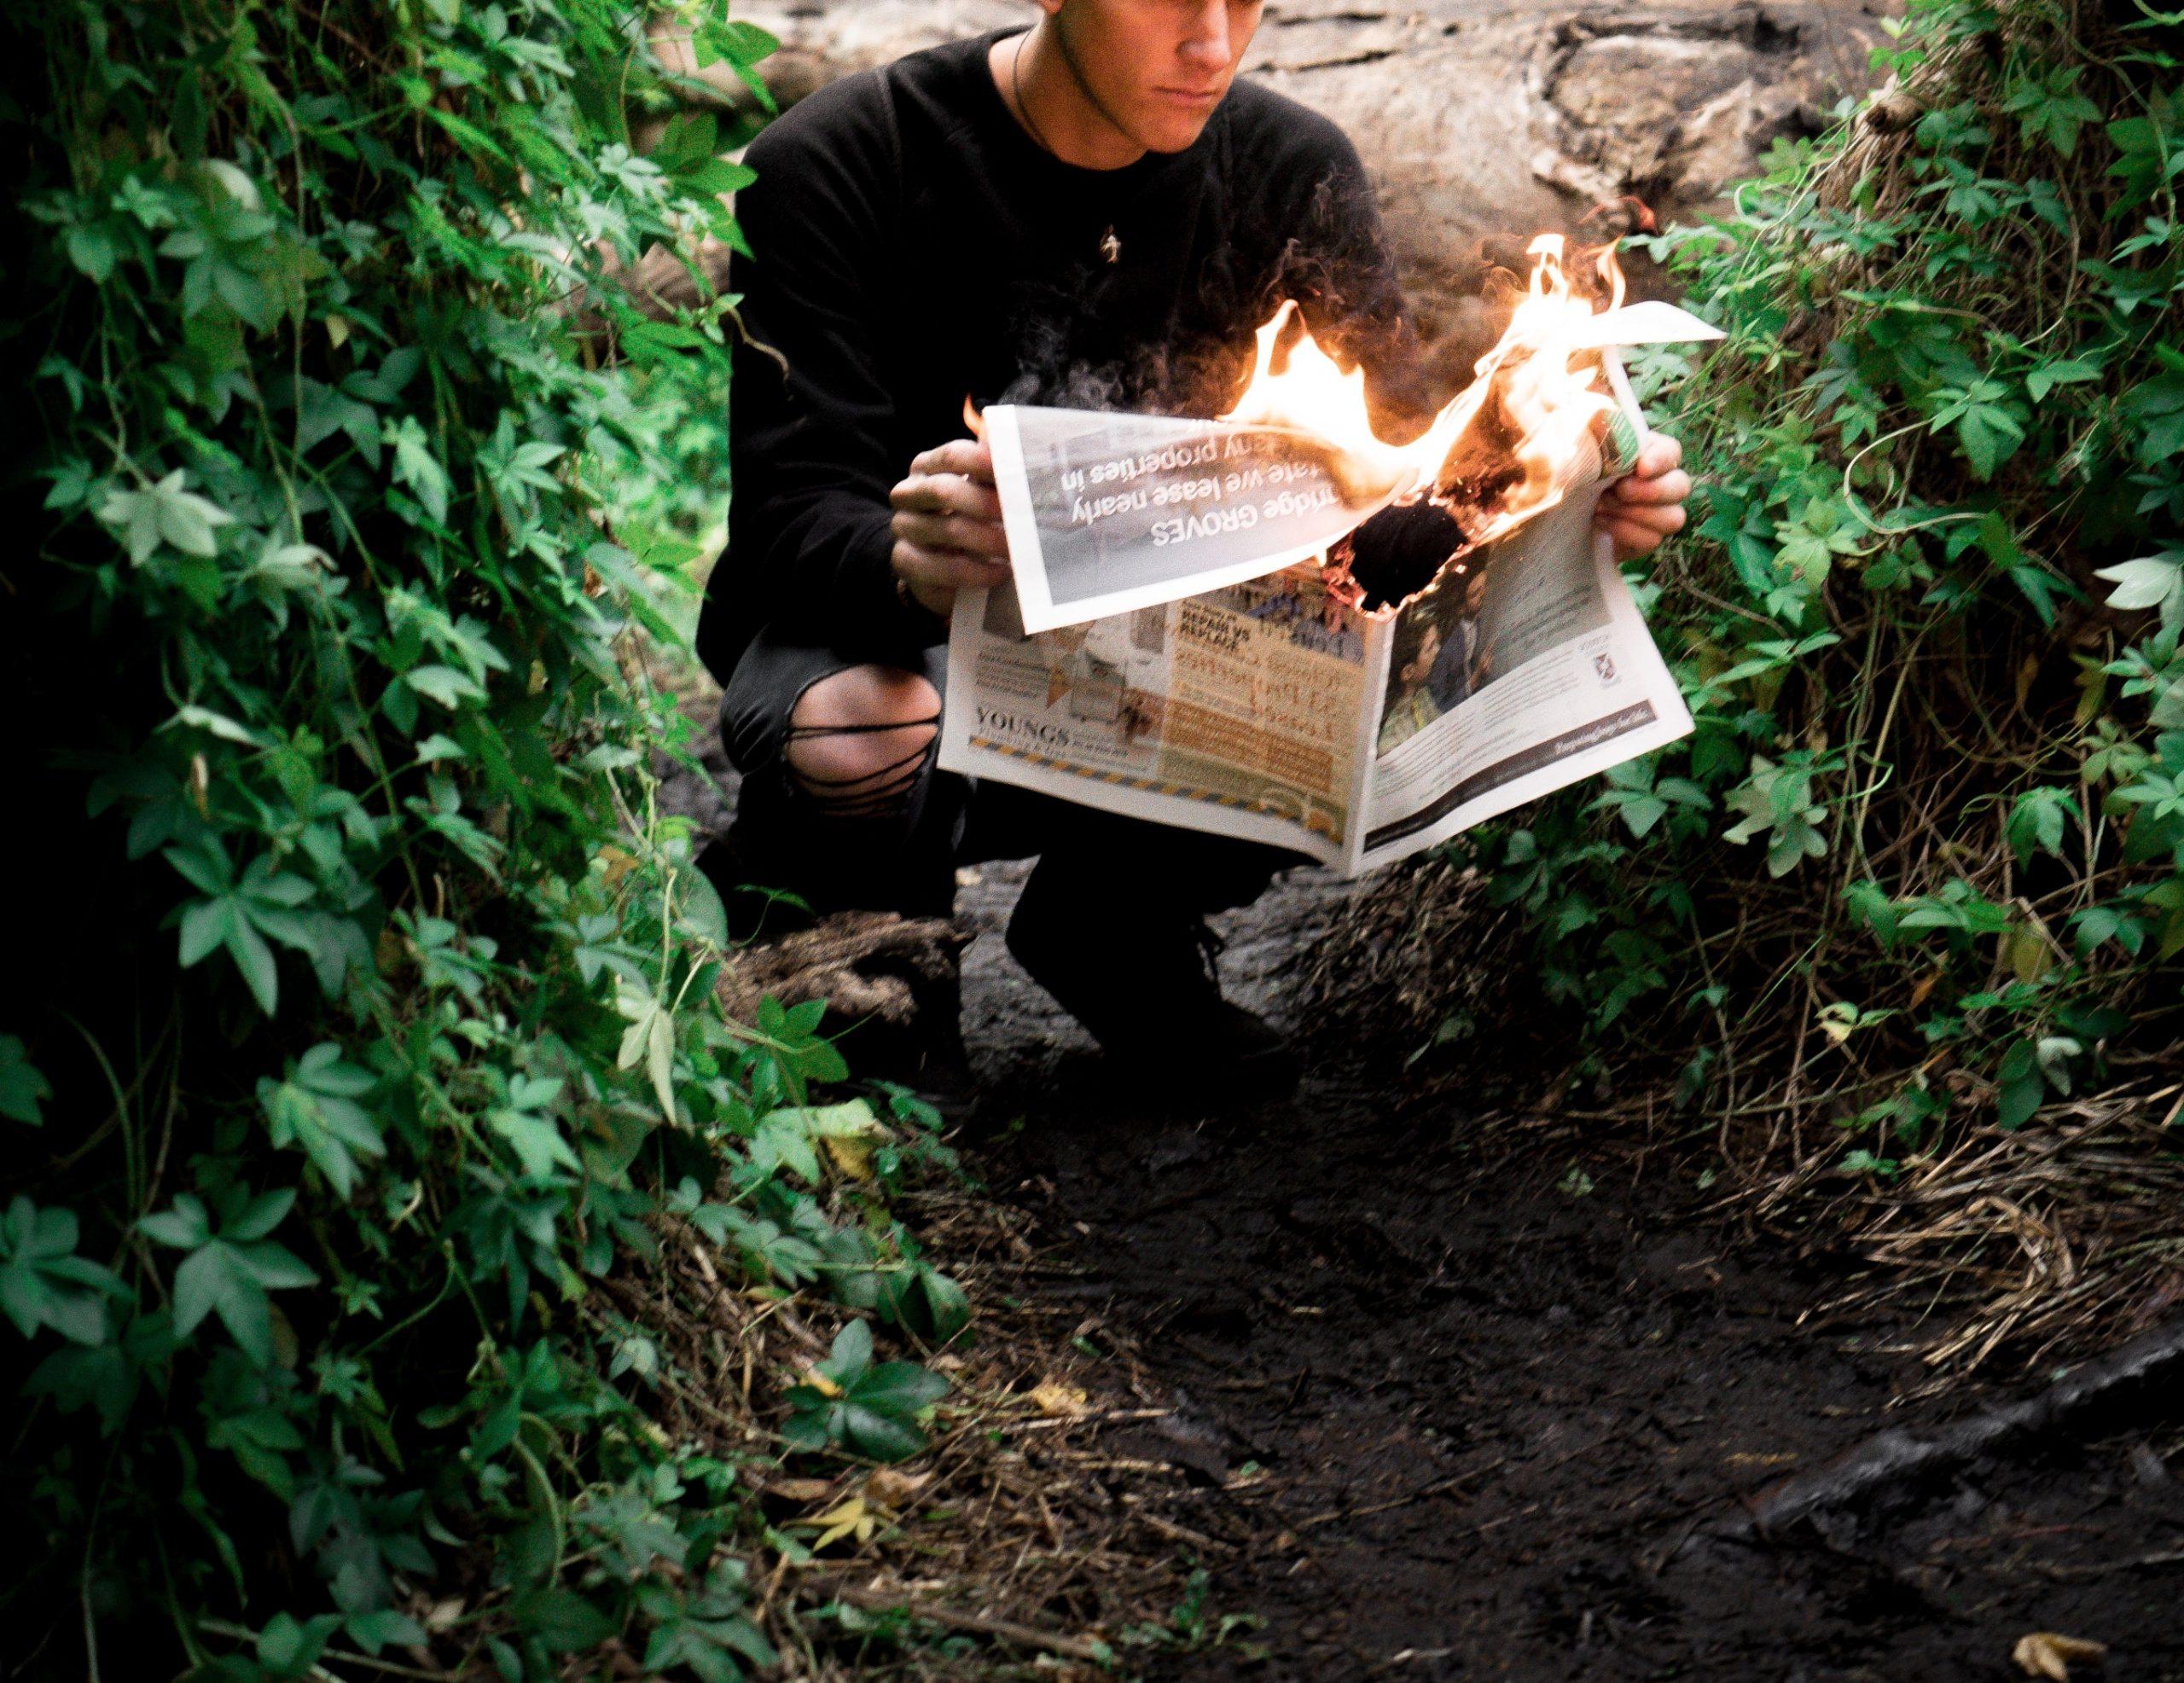 Examining The Examiner